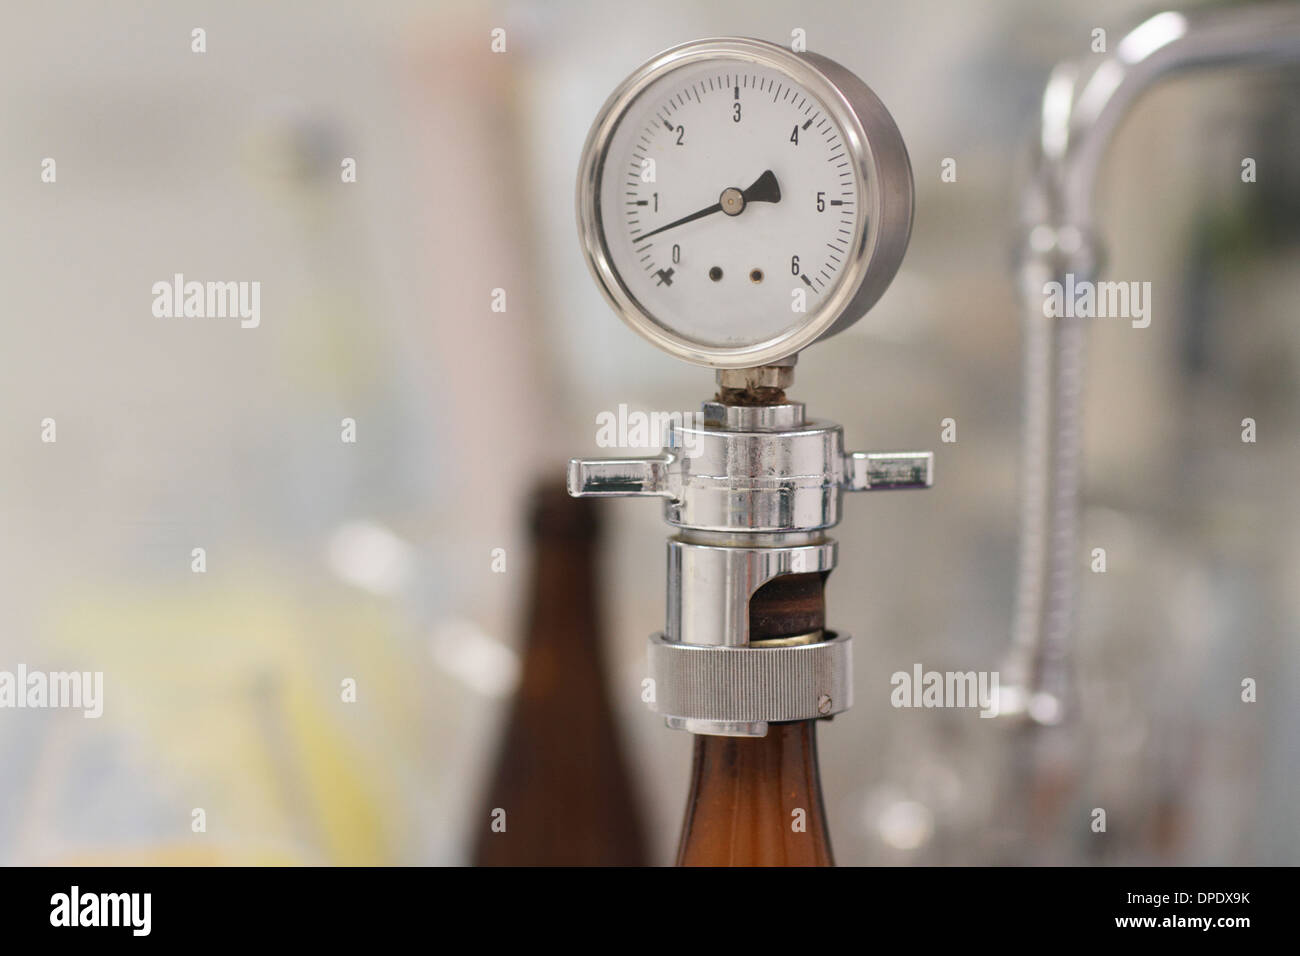 Pressure gauge in brewery - Stock Image